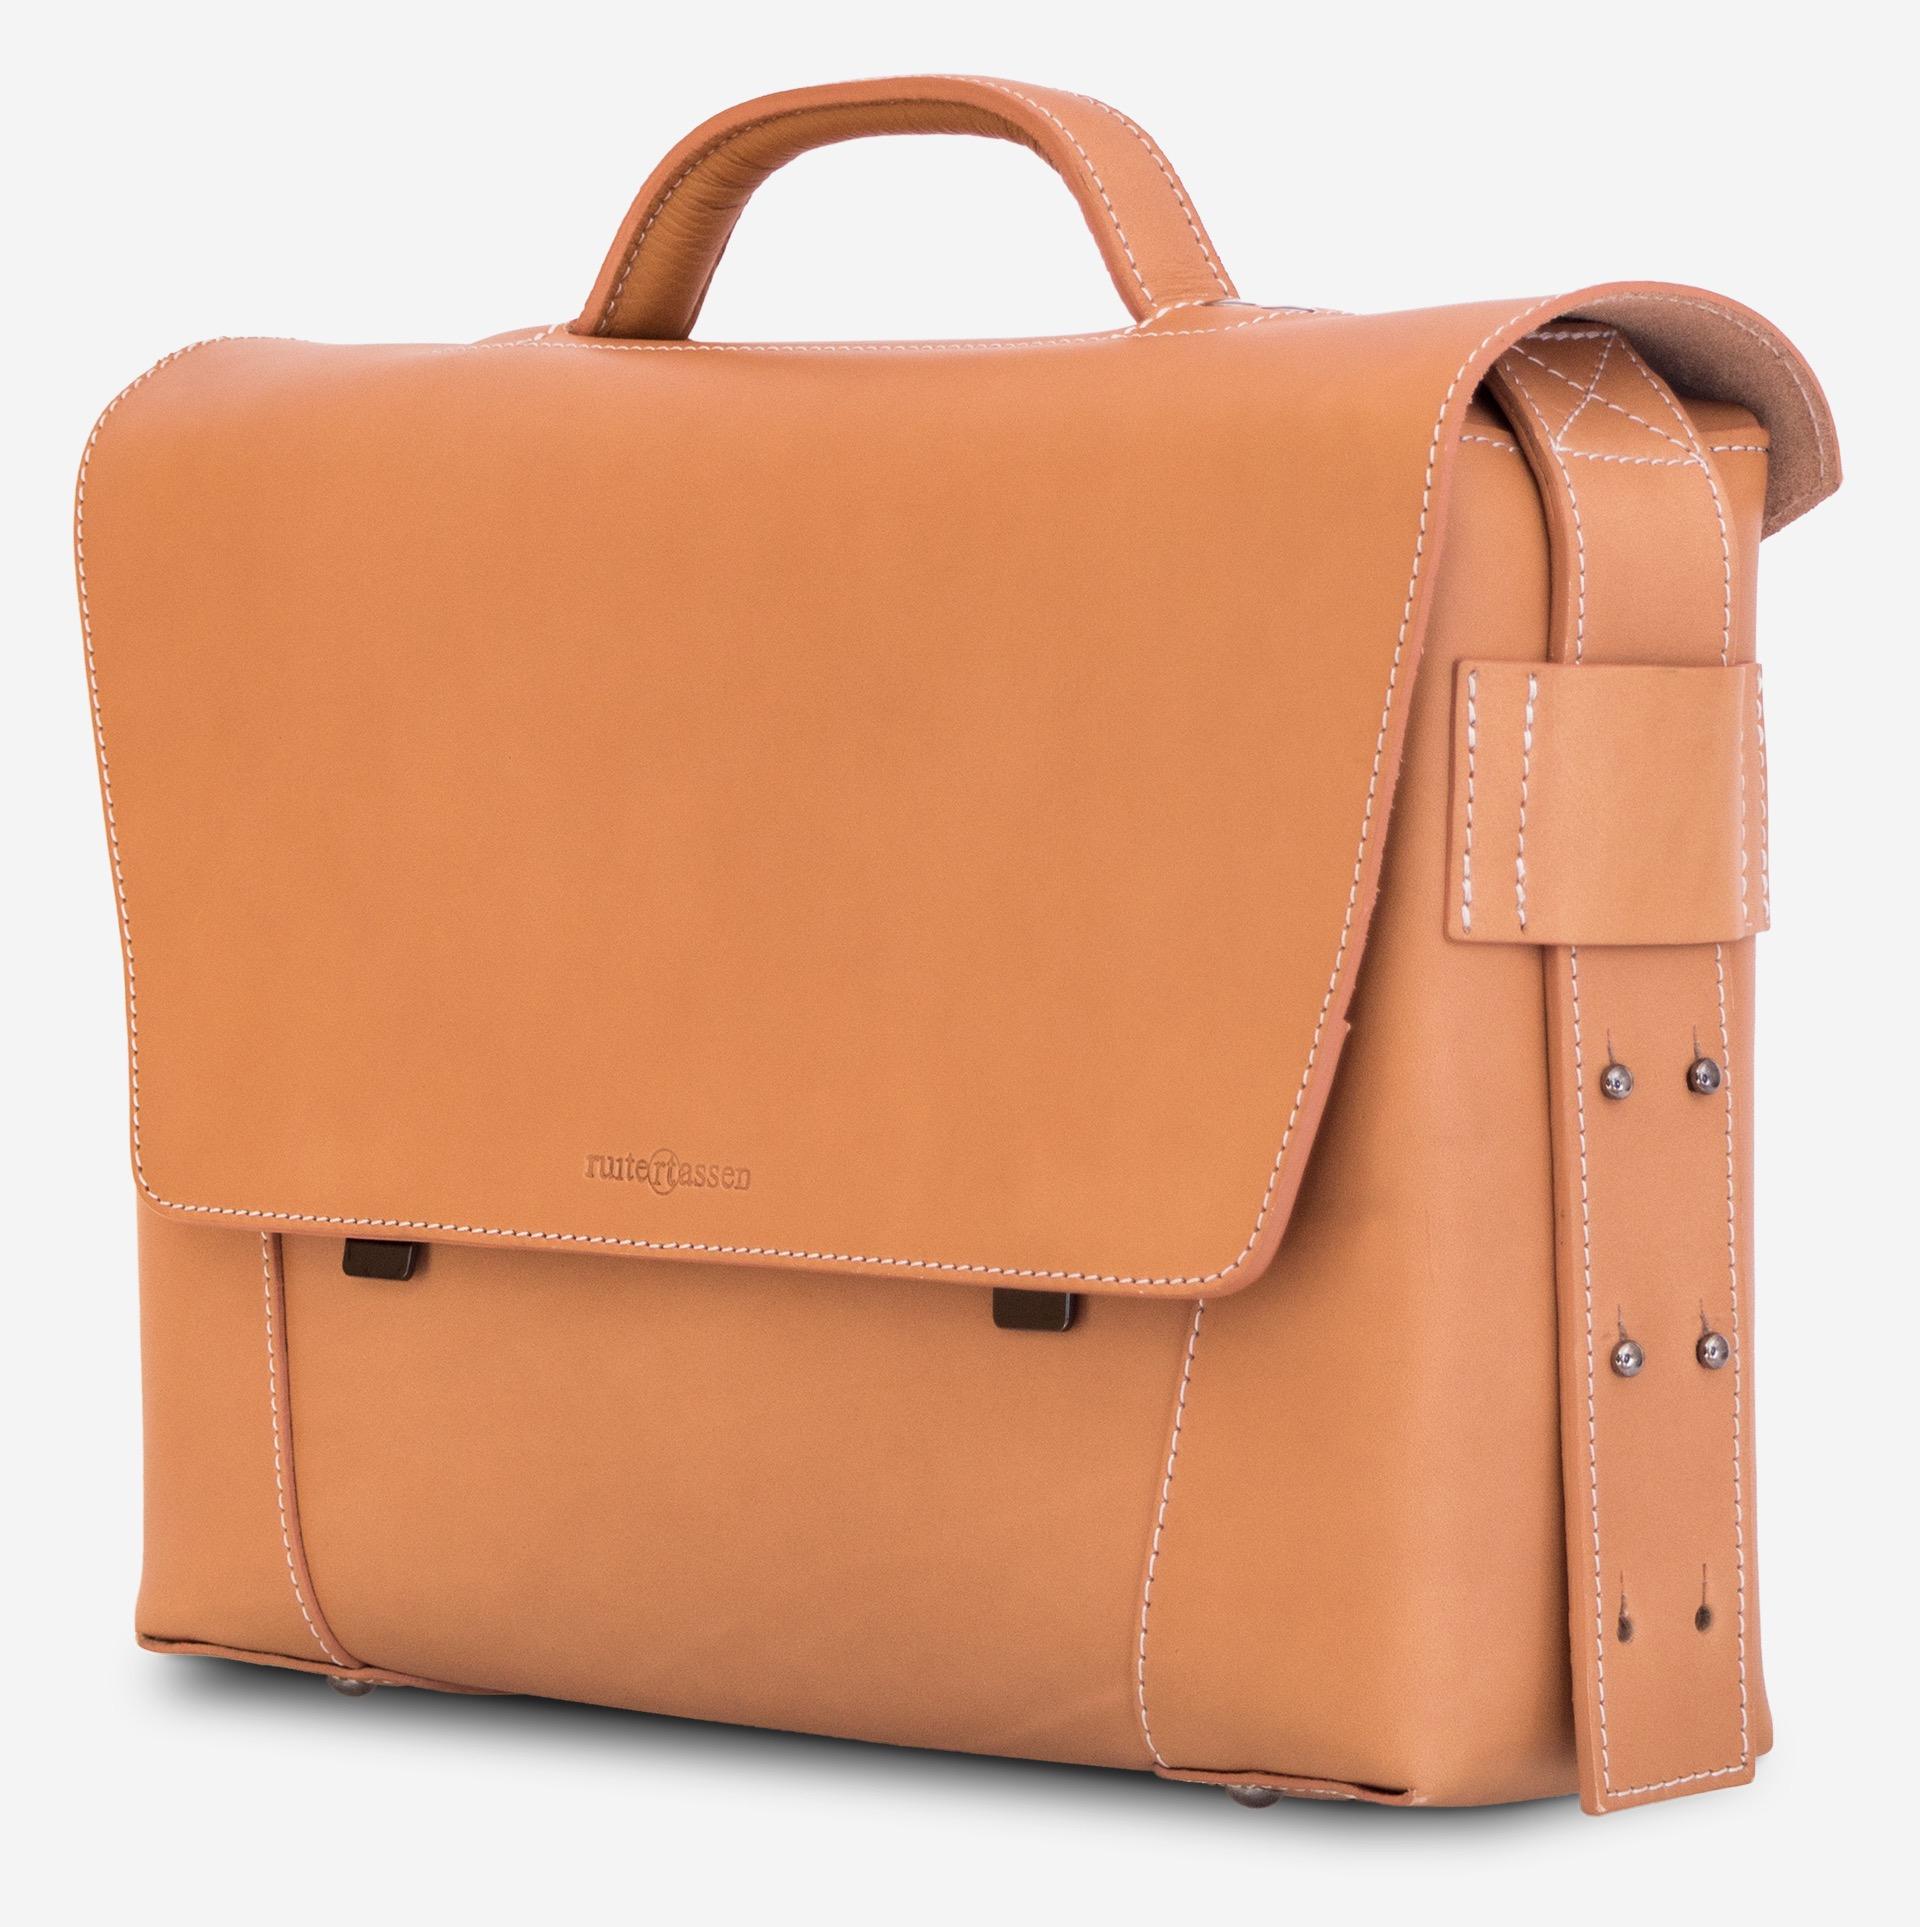 70d329bede33 Vanquish briefcase